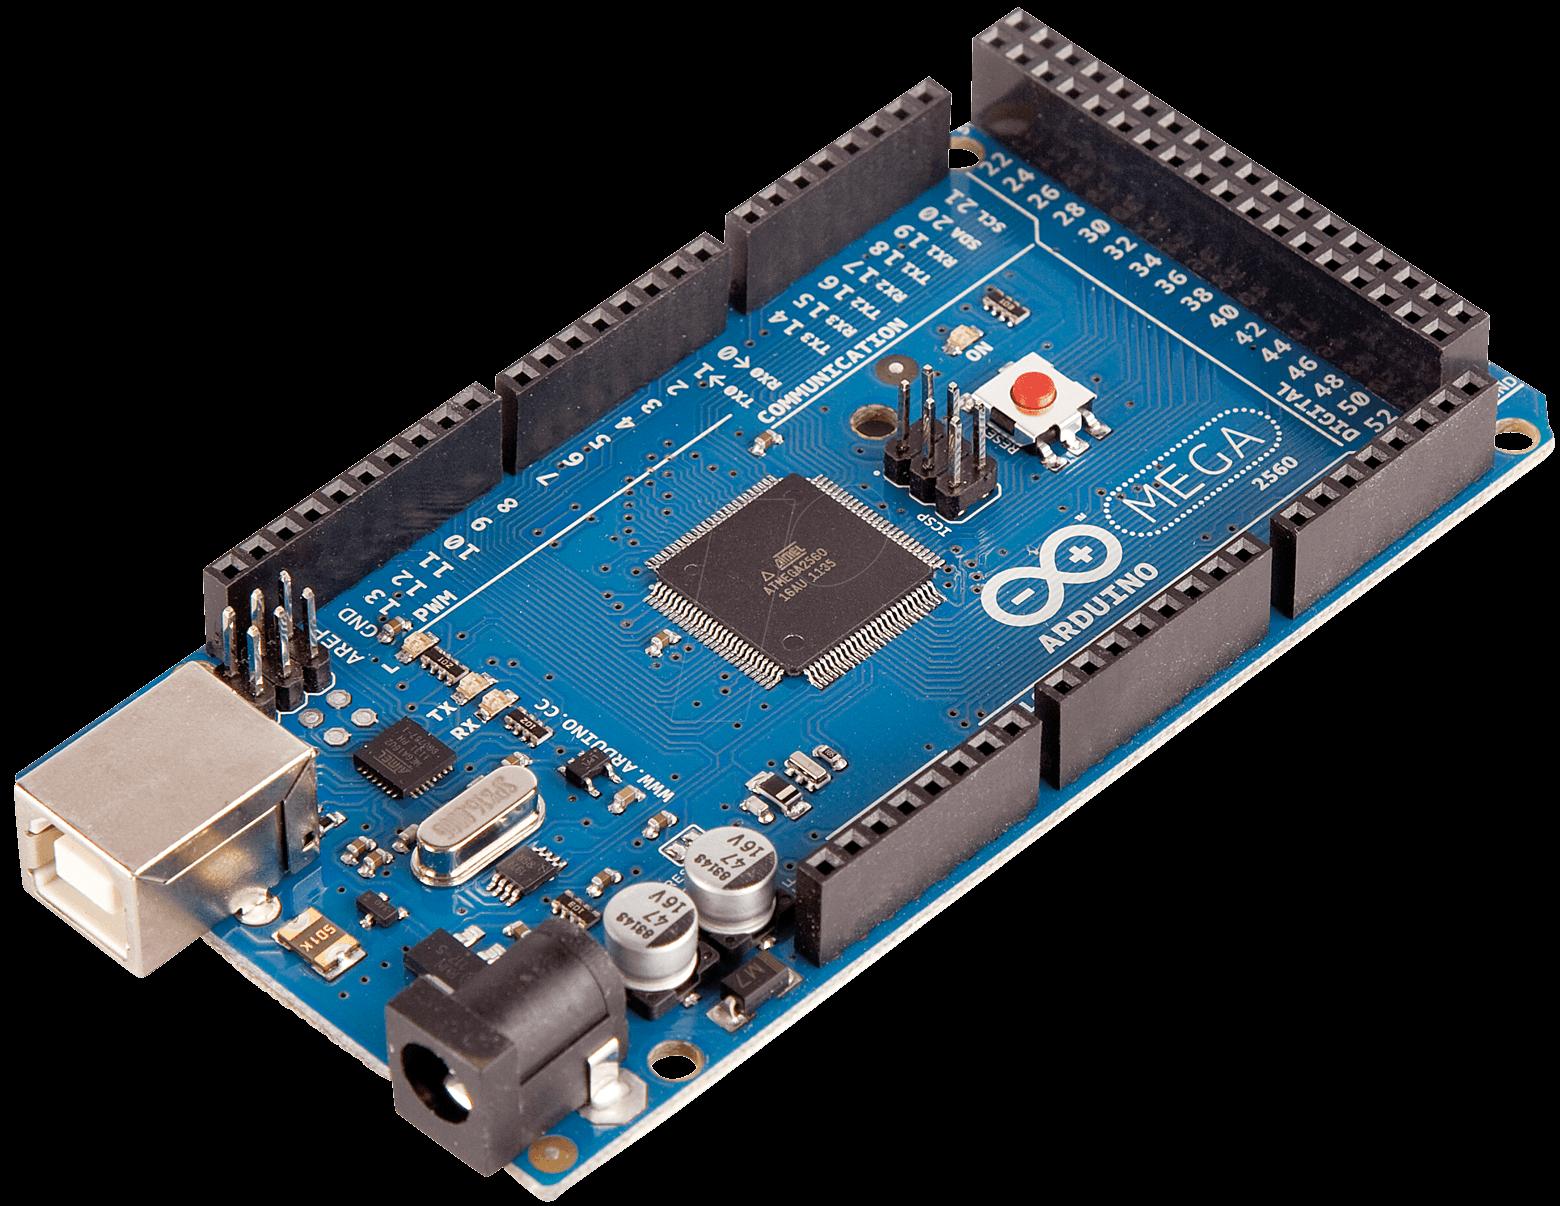 Arduino mega техническое описание и где дешево купить